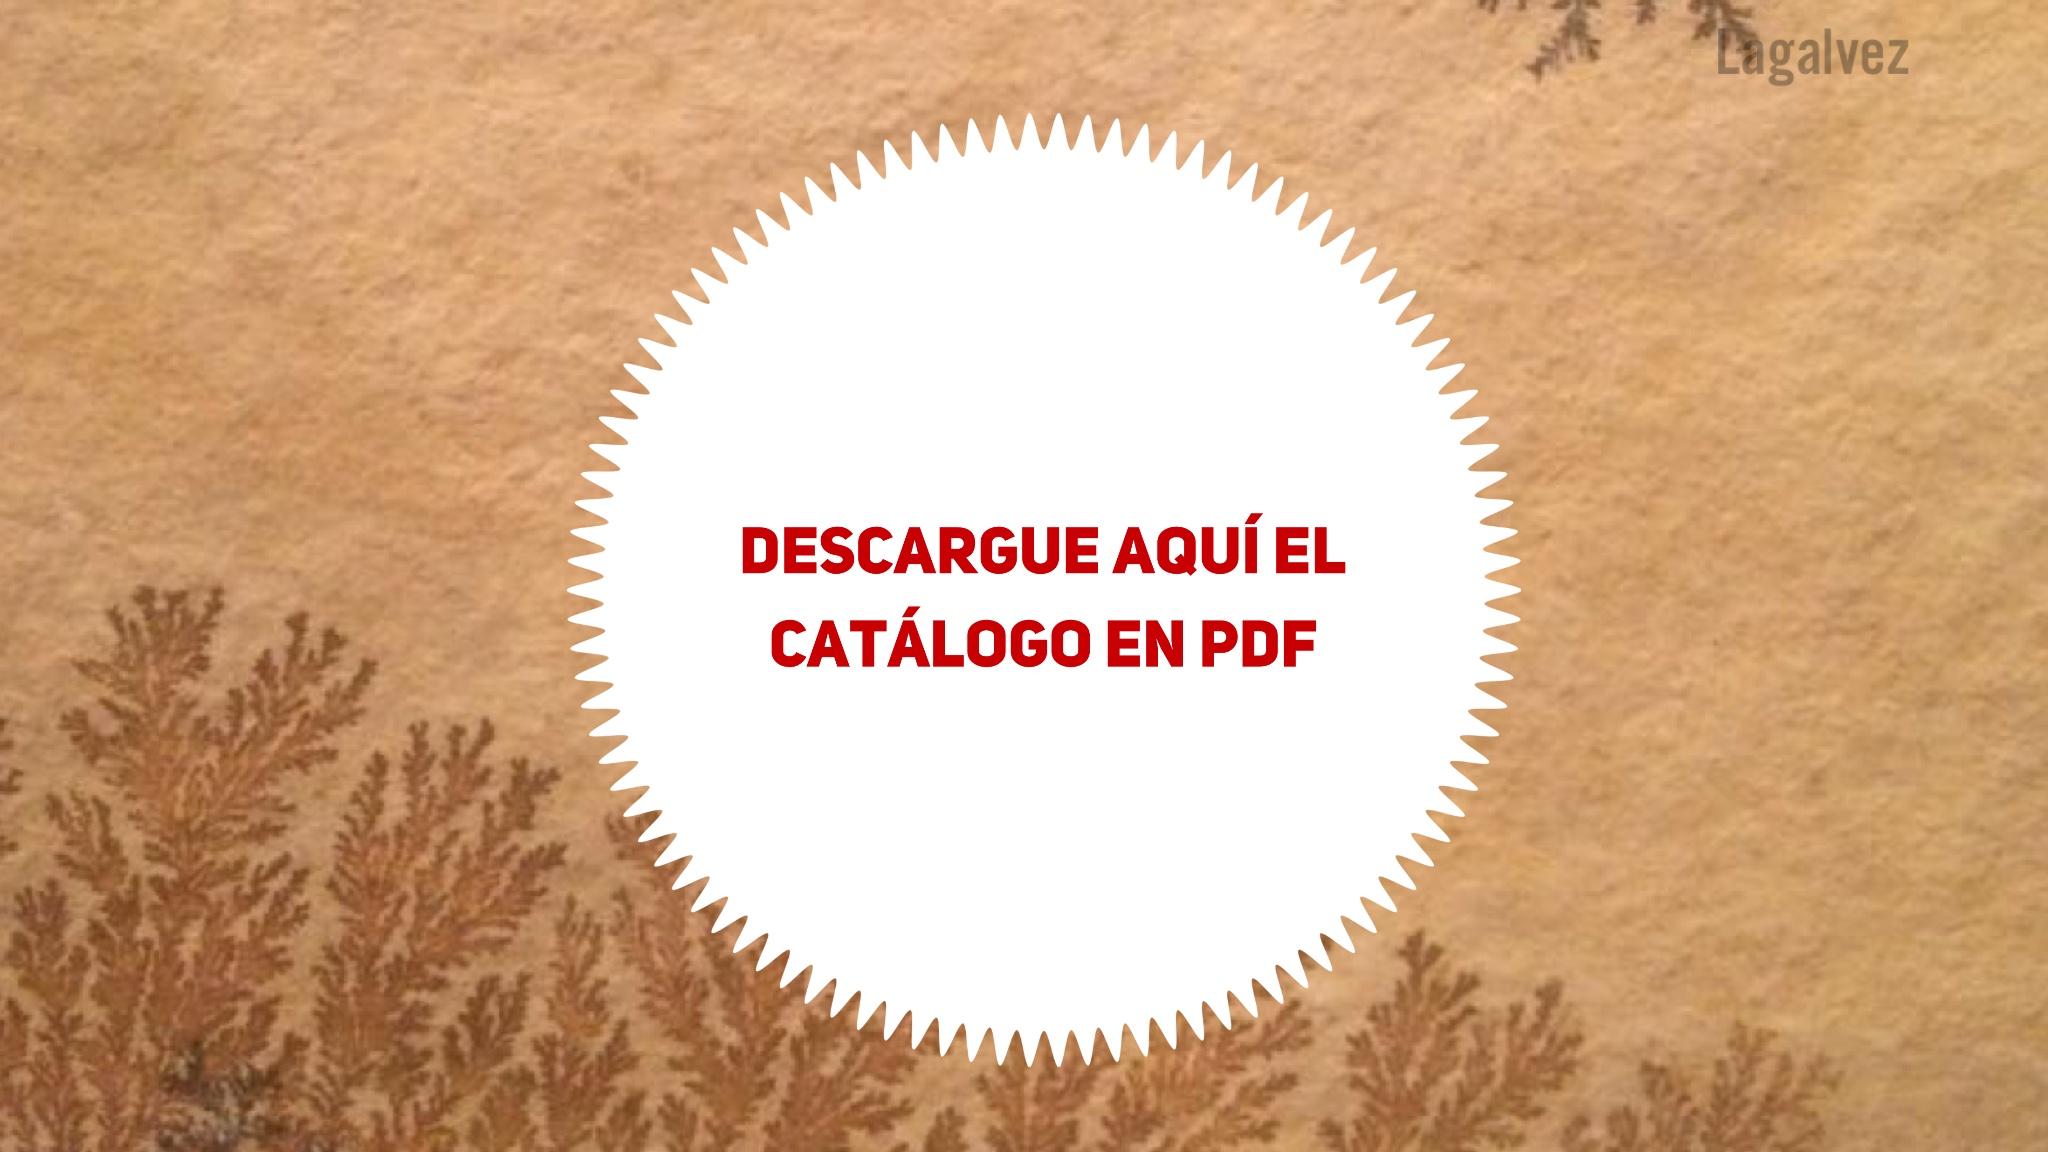 Descargar catálogo [PDF]